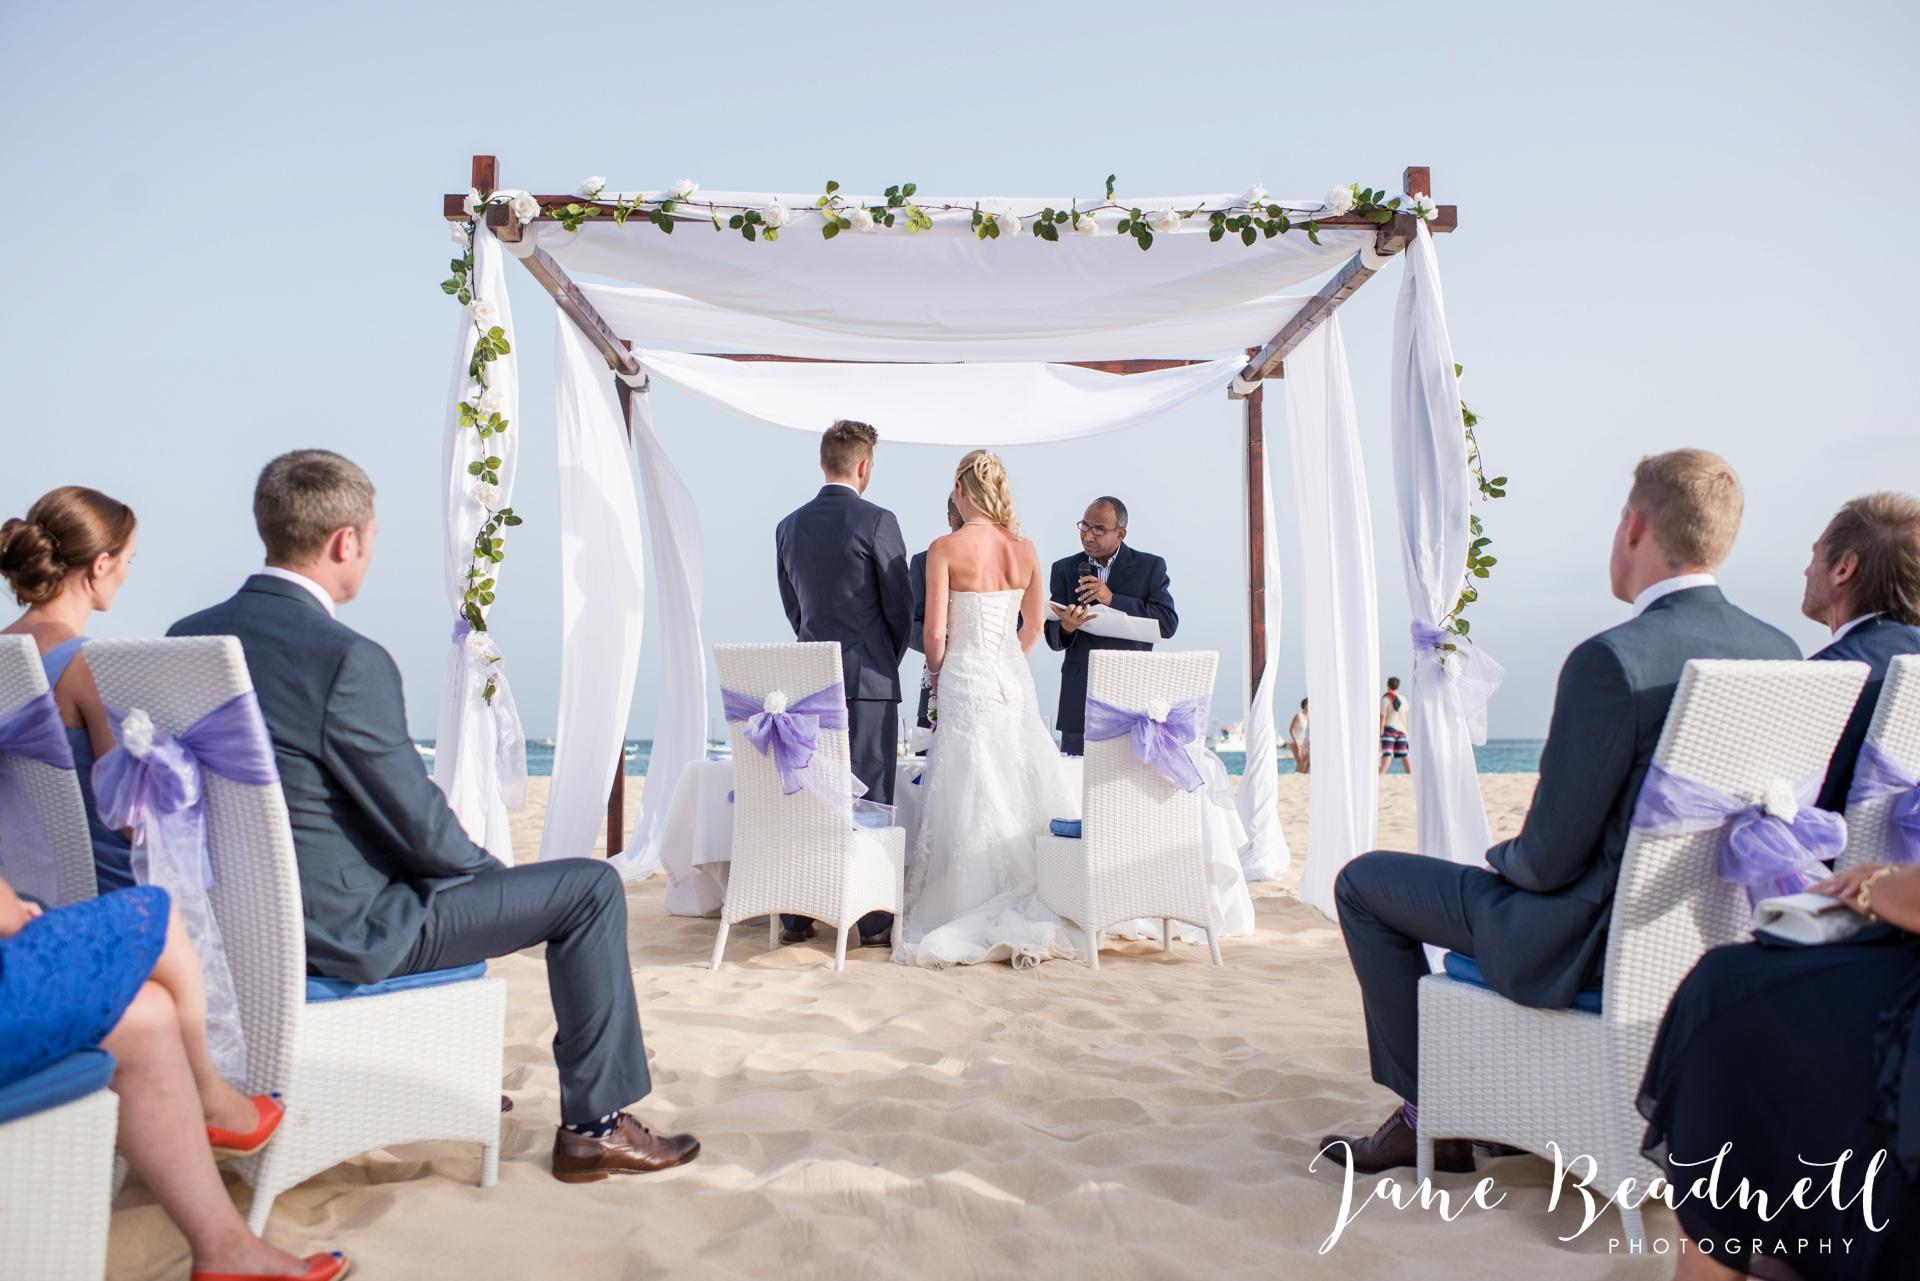 Jane Beadnell fine art wedding photographer Leeds Destination wedding photographer_0018